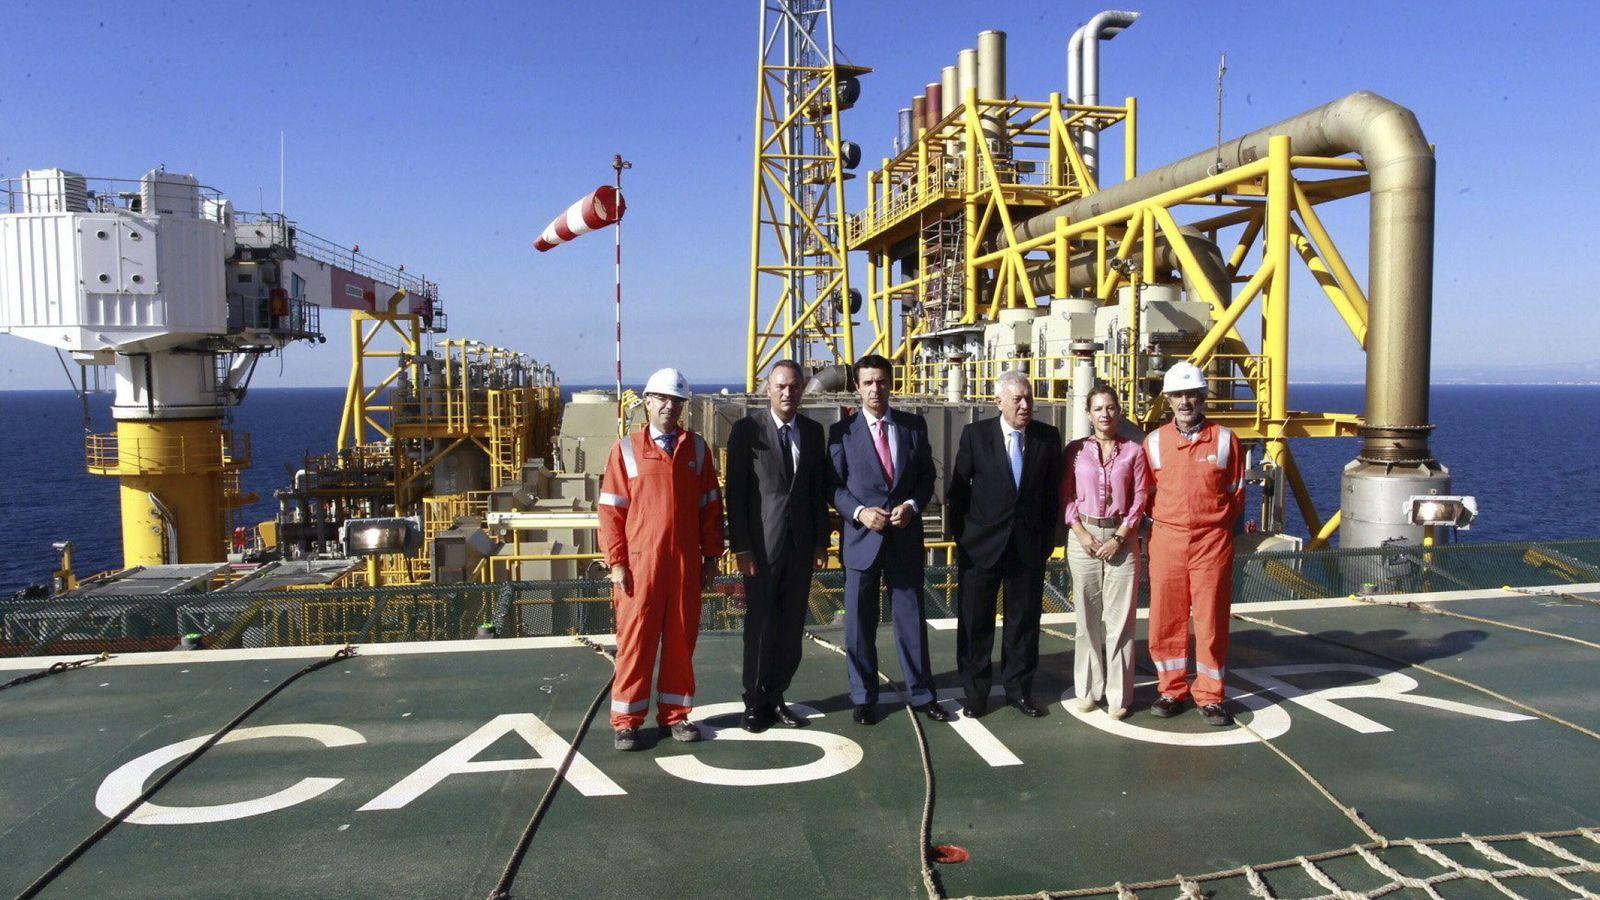 Foto: Fabra, Soria Y Margallo en las instalaciones de Castor en el año 2013